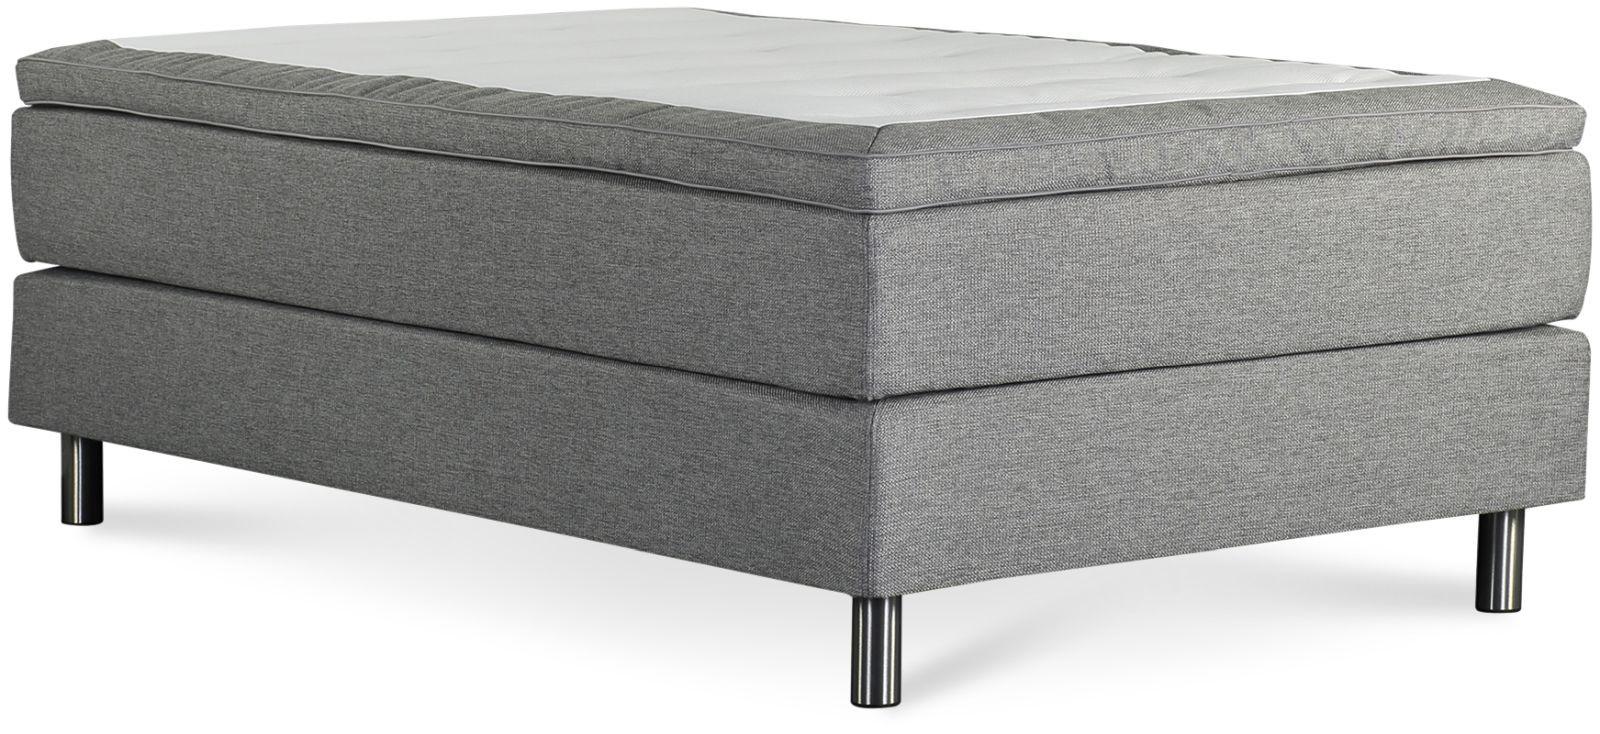 Łóżko Iceland 140x200 (jasno szary)